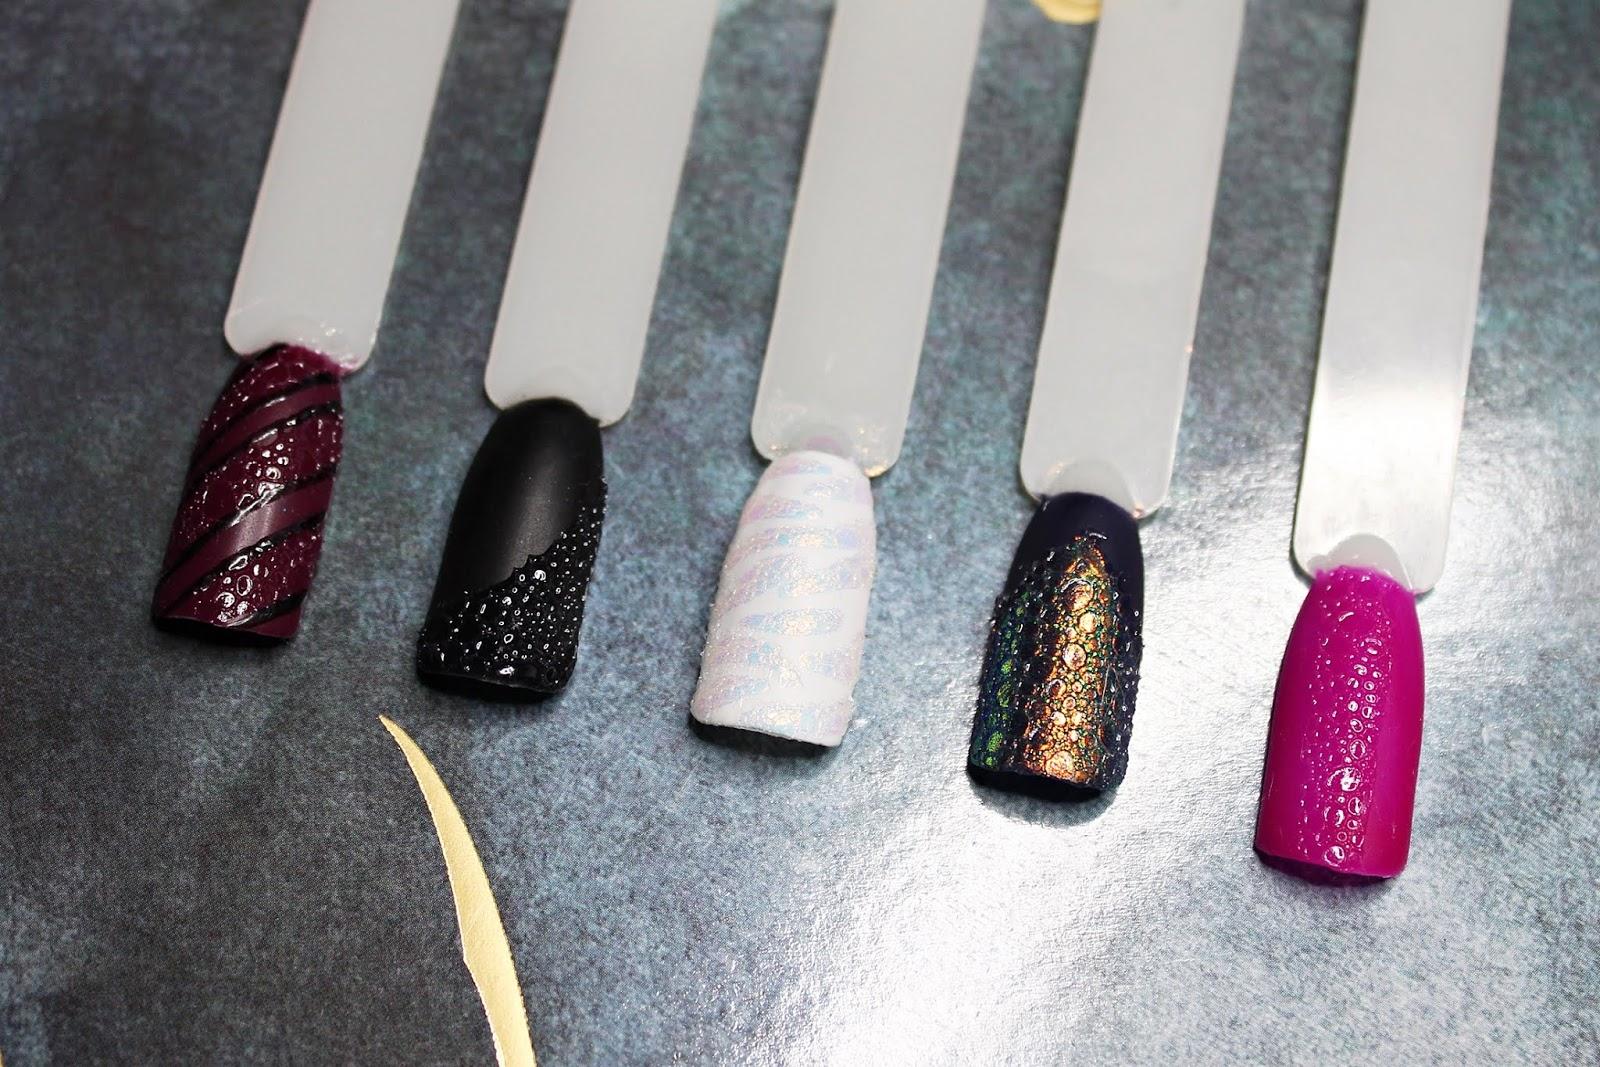 Efekt piany na paznokciach. BUBBLE NAILS - efektowny i mega prosty sposób na piękny manicure | Instrukcja krok po kroku